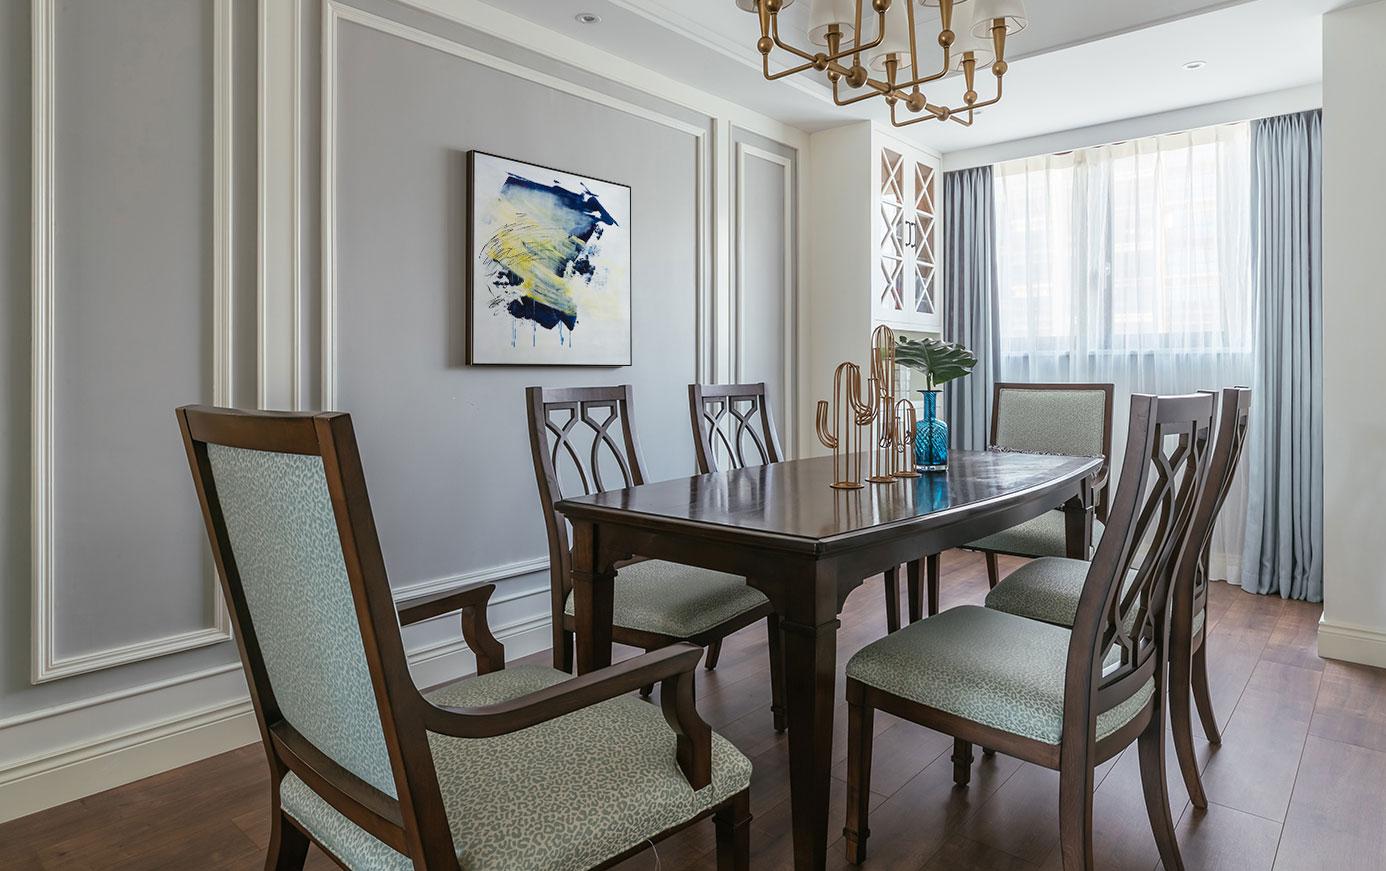 简约 美式 餐厅图片来自别墅设计师杨洋在宁静美式风格设计-简约之美的分享